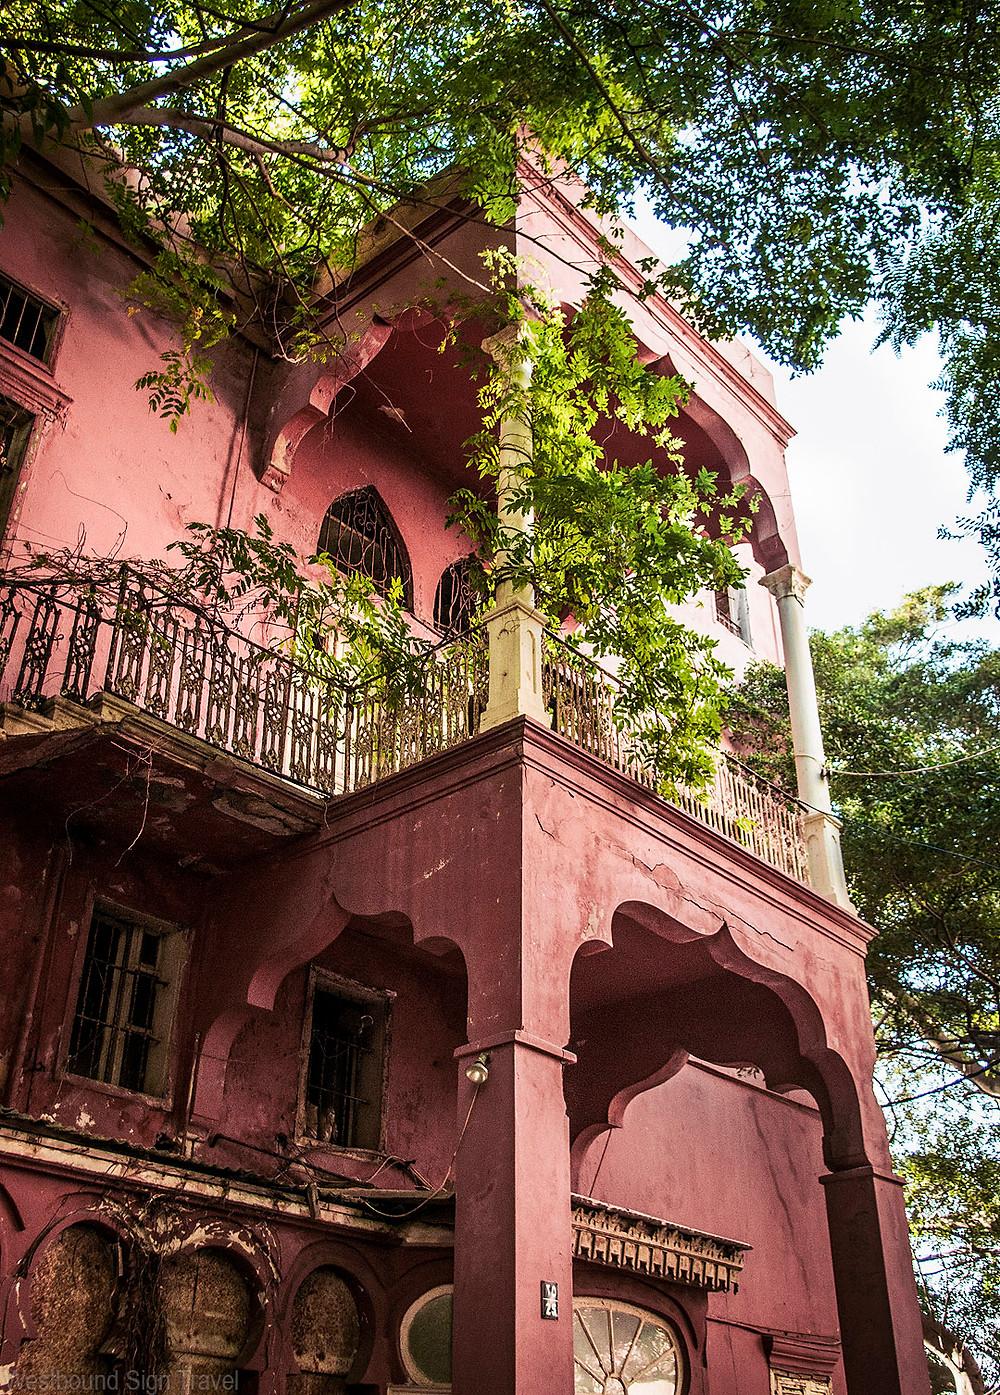 Maison Rose, Beirut, Lebanon